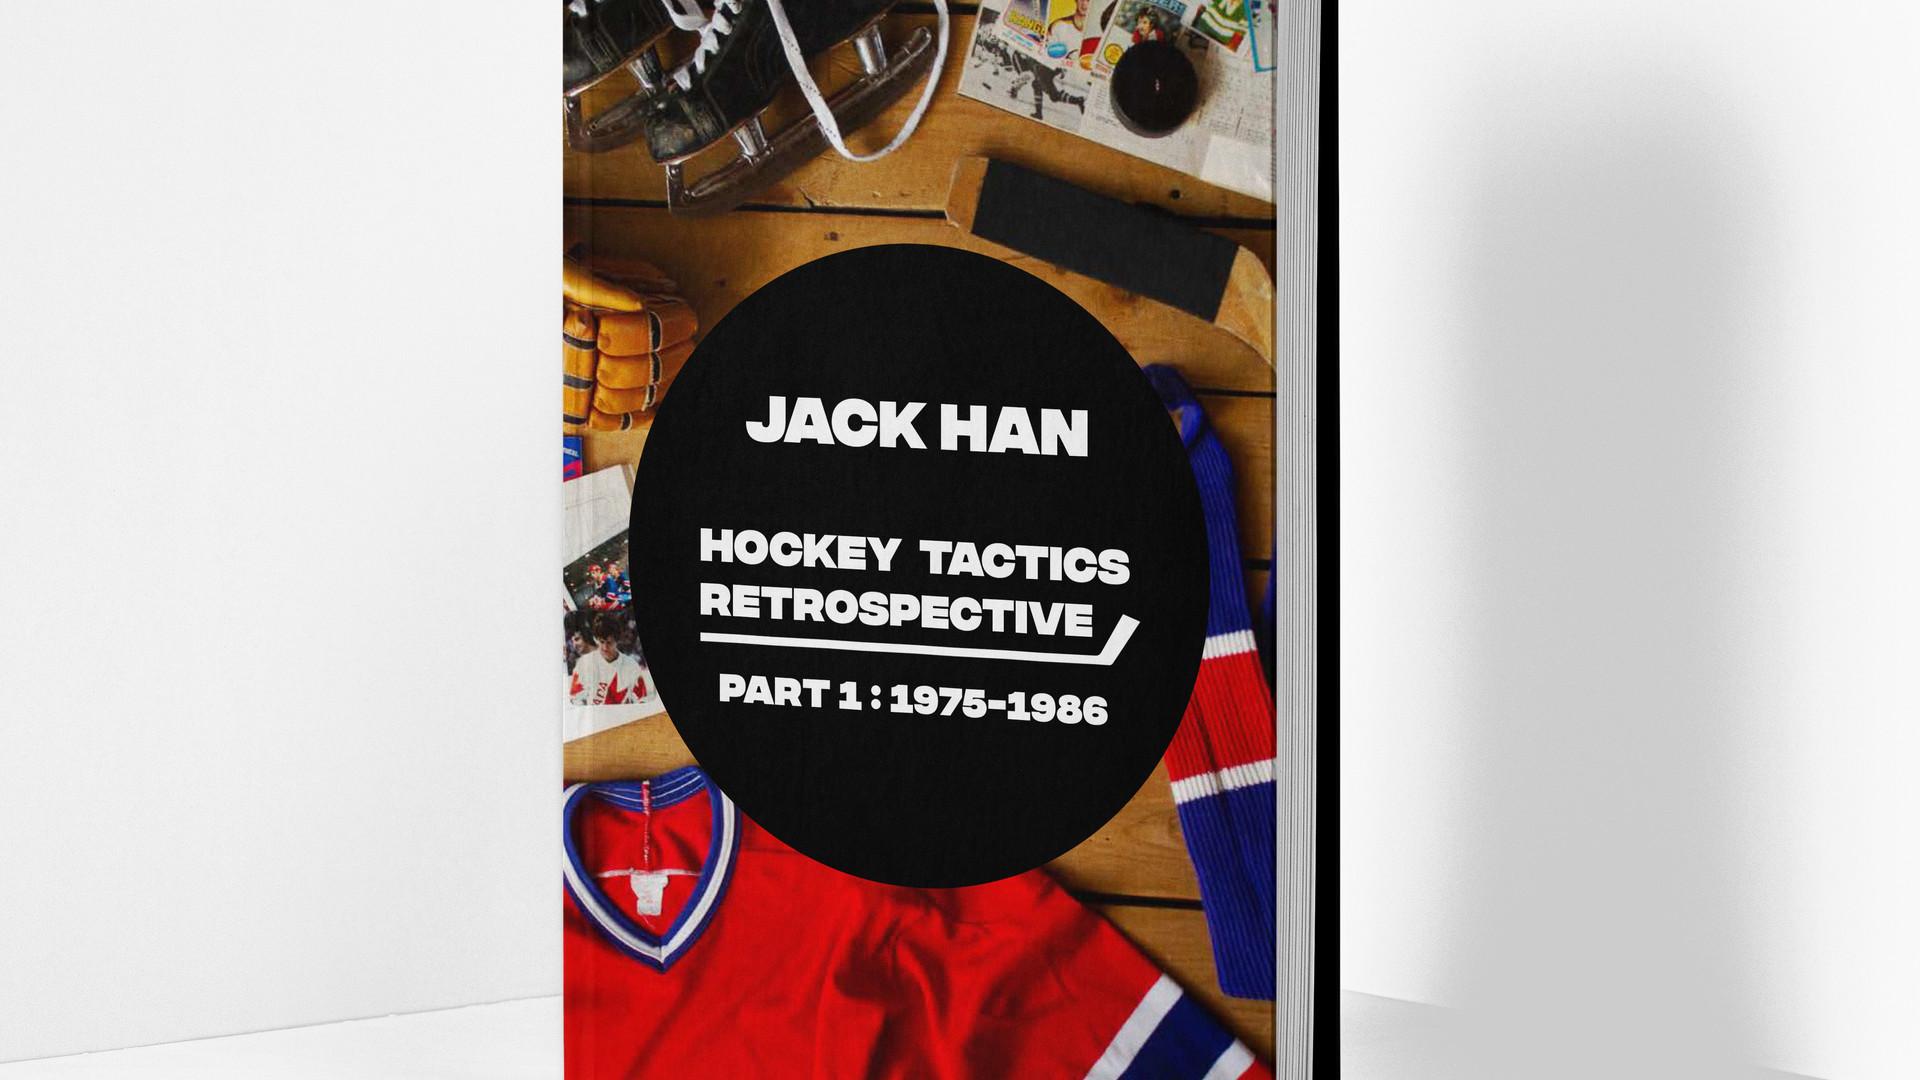 Hockey Tactics Retrospective